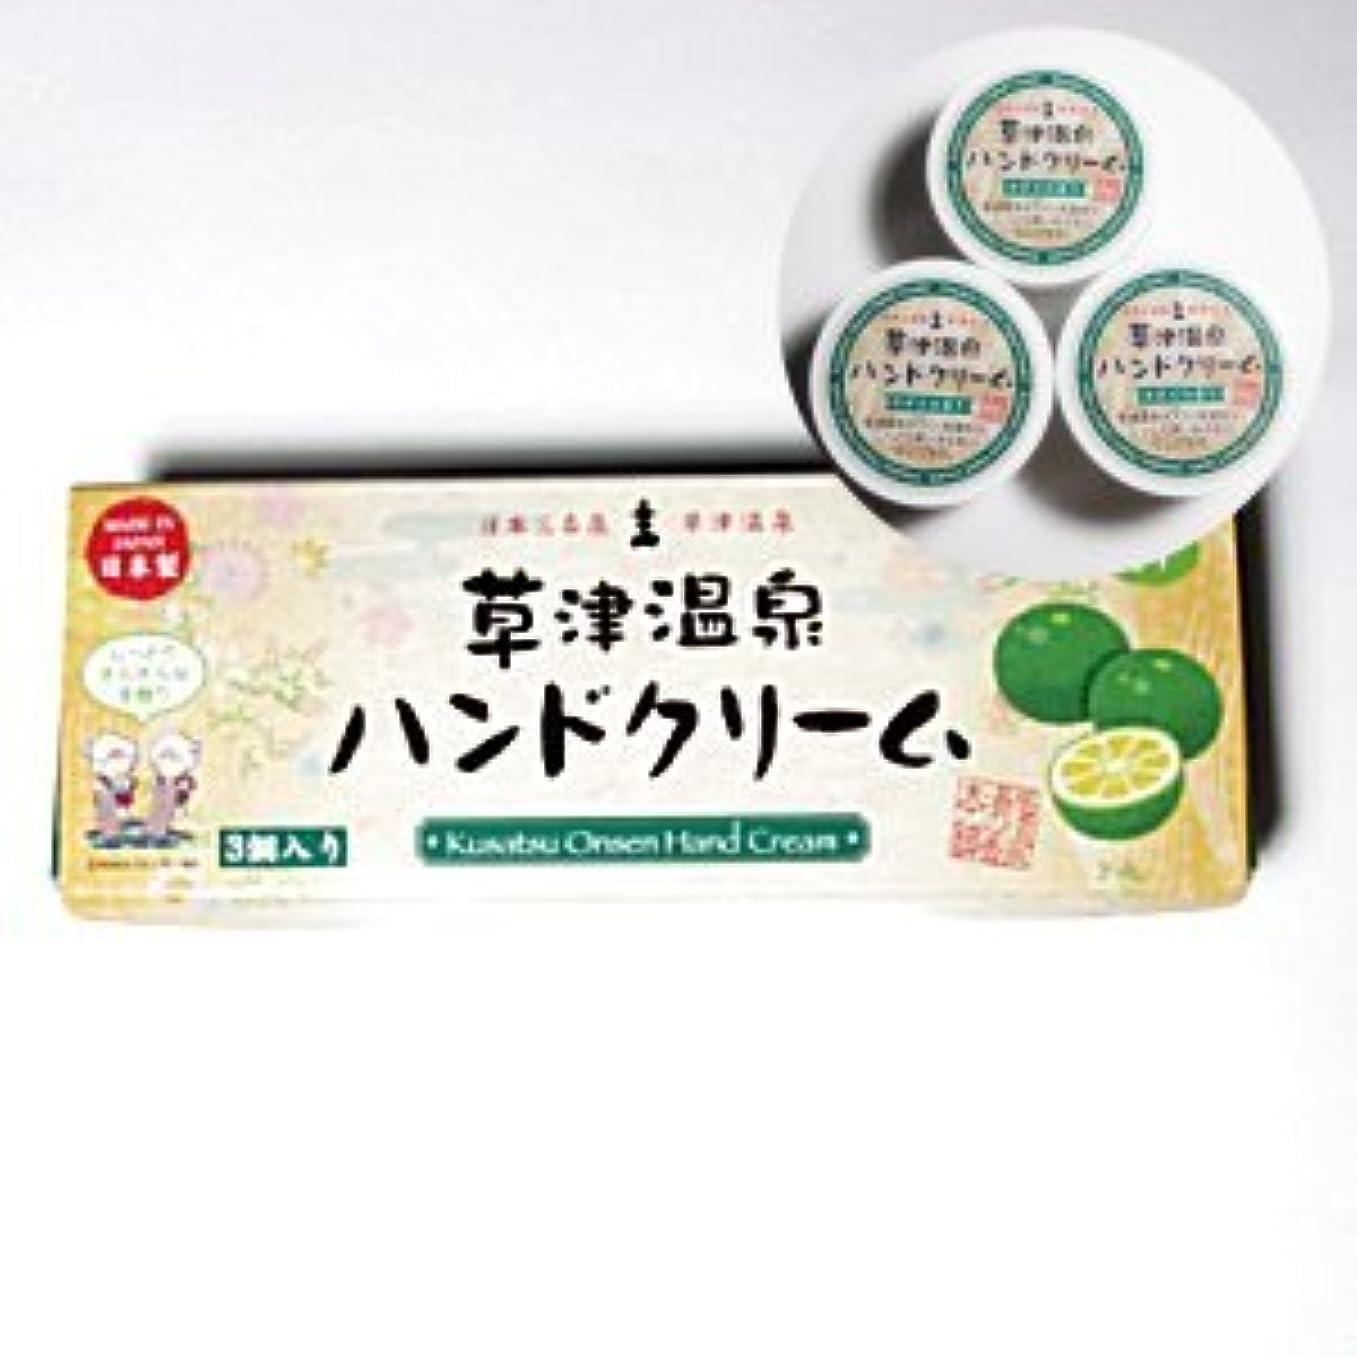 連続した放射する冷える草津温泉ハンドクリーム カボスの香り 15gx3